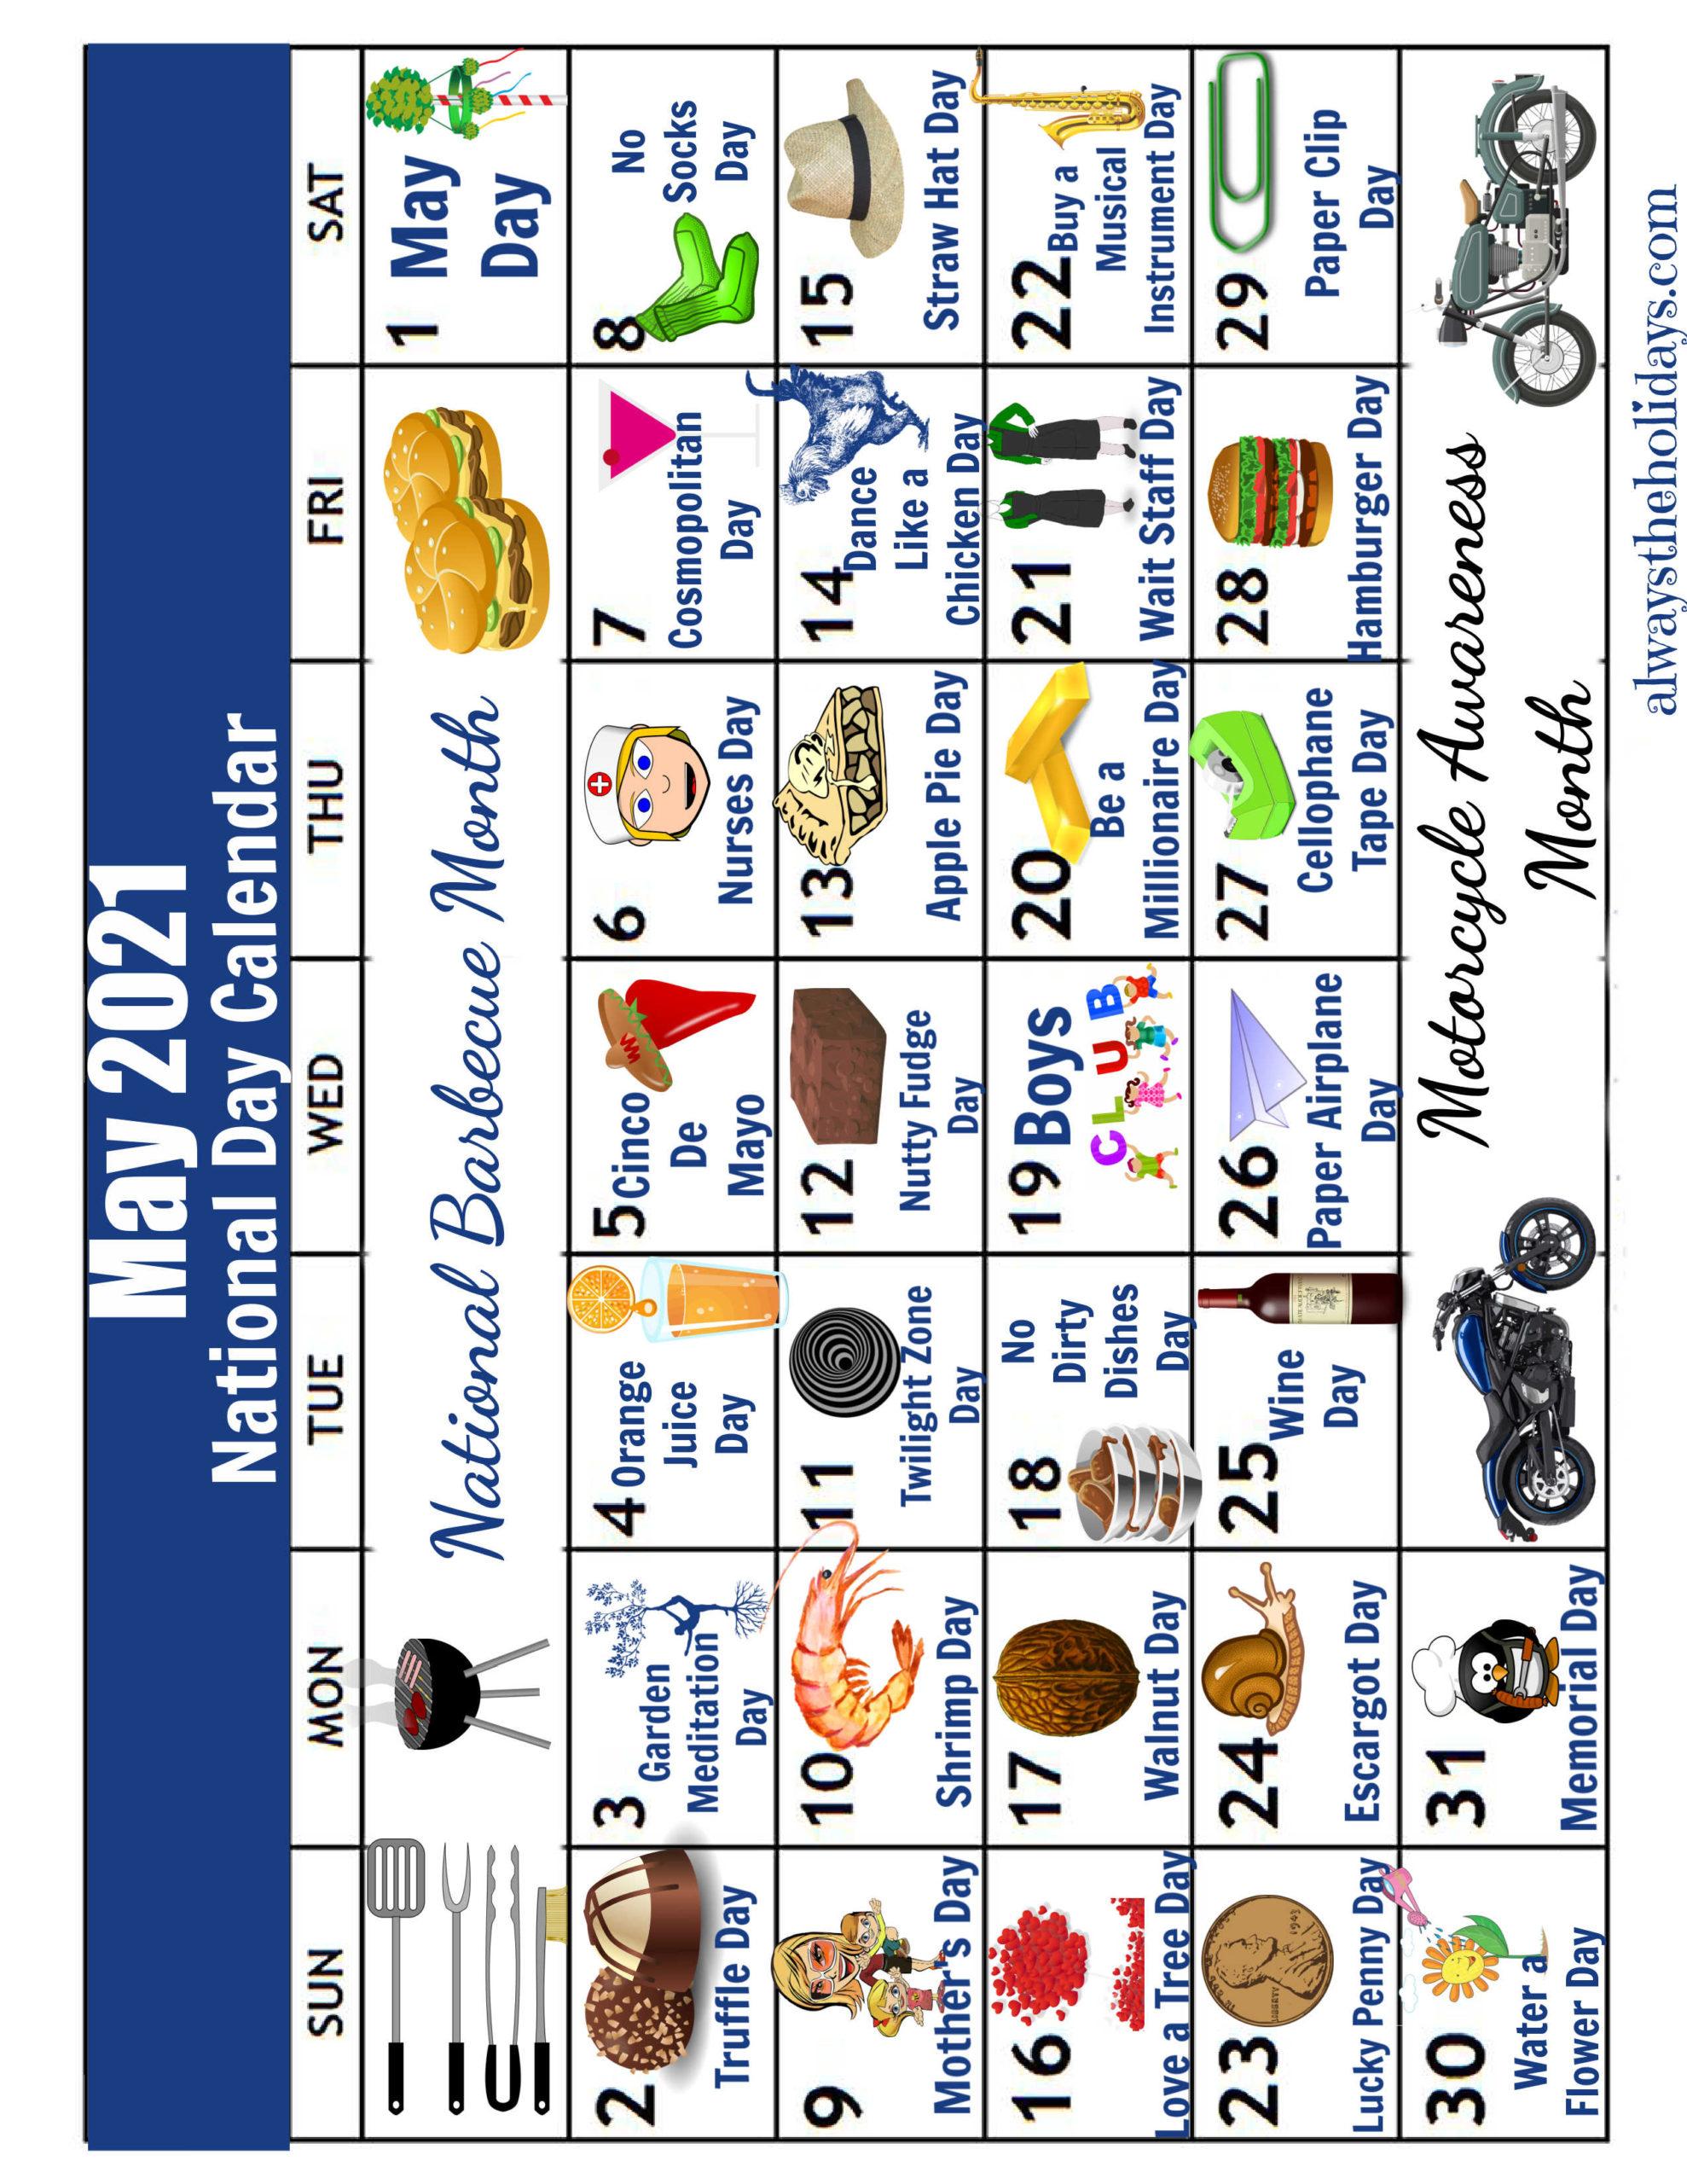 National day calendar for ay 2021 - flipped sideways.